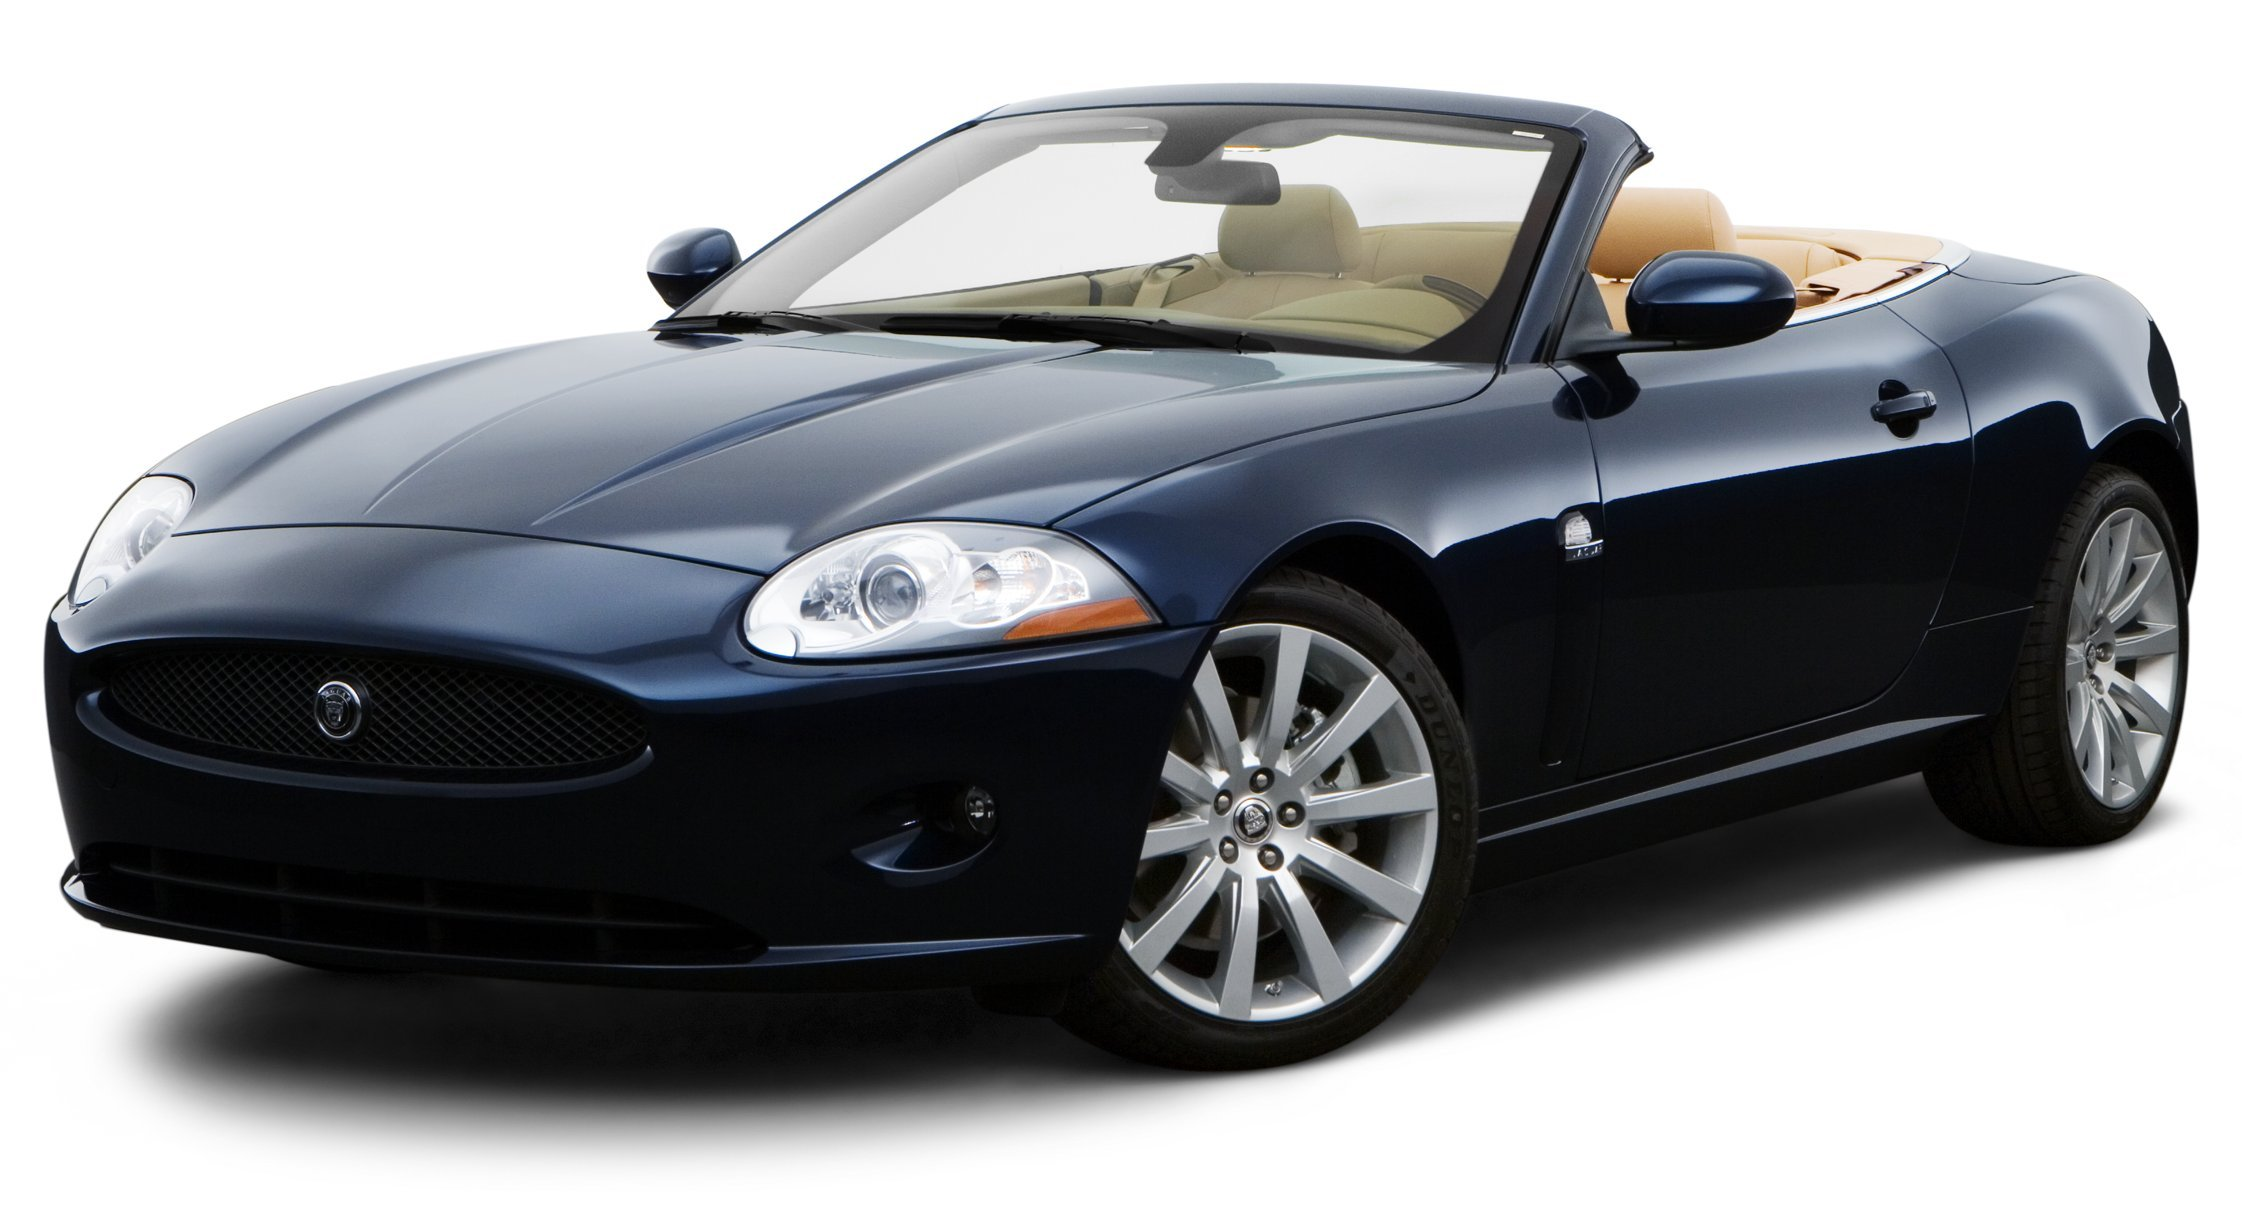 ... 2008 Jaguar XK, 2 Door Convertible